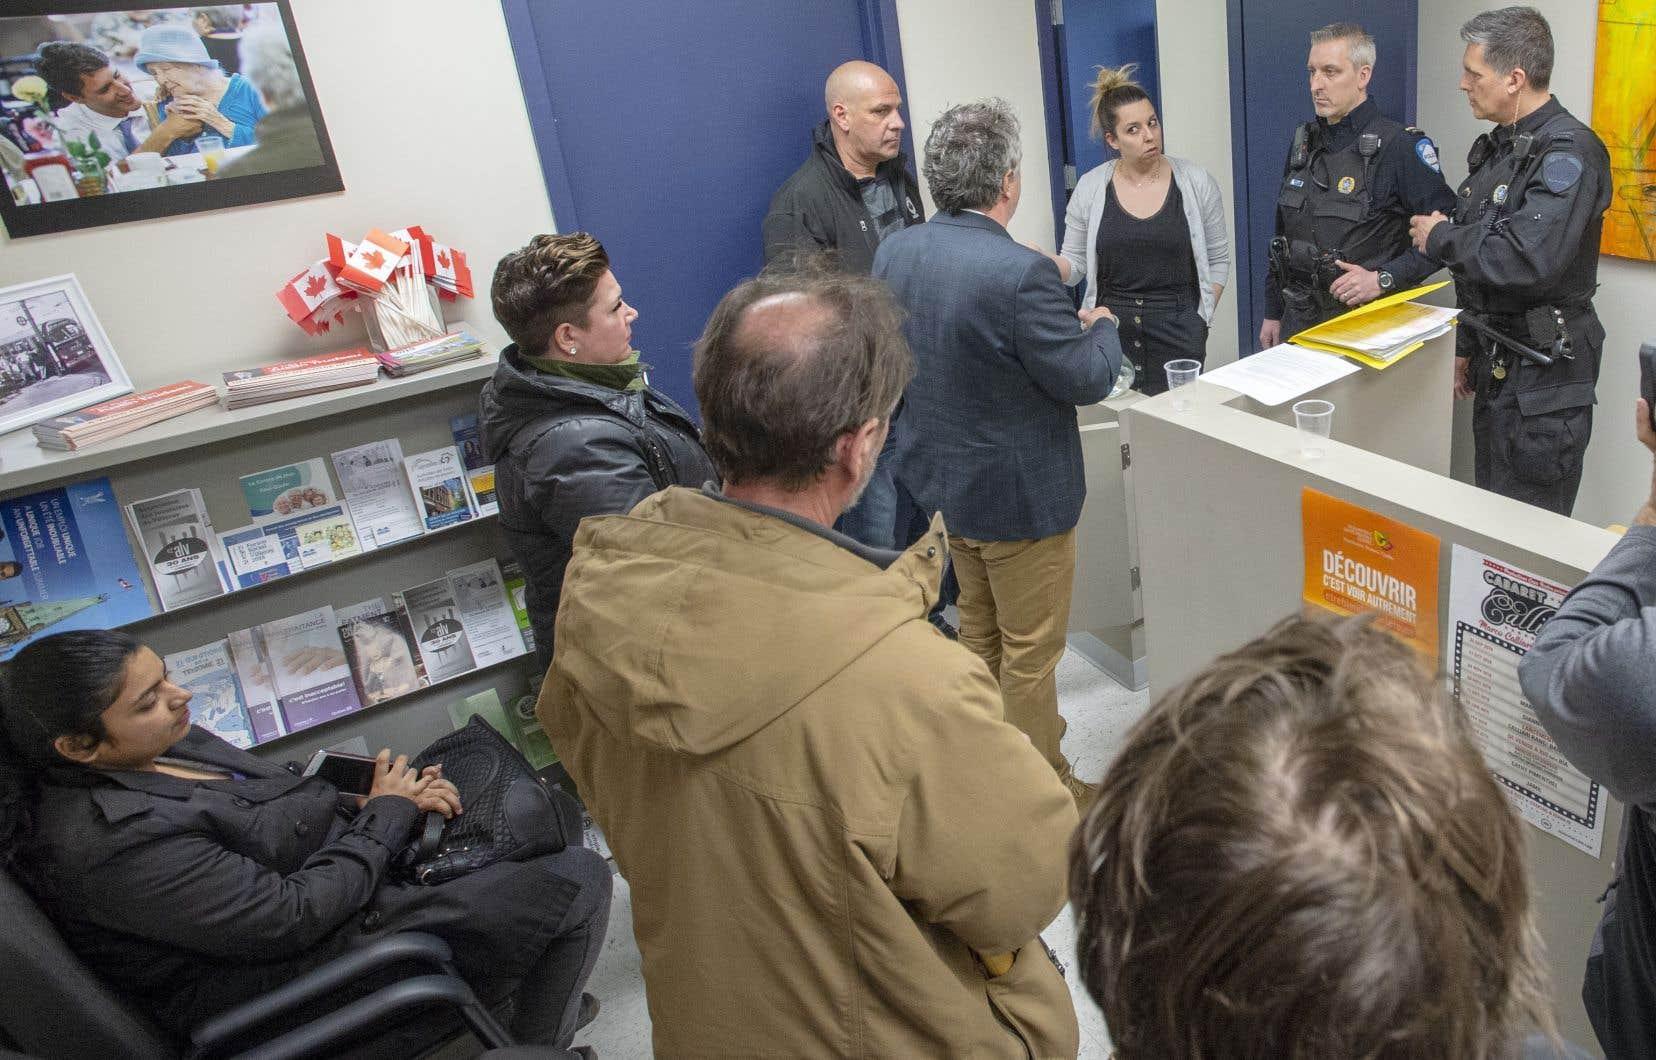 Au bureau du premier ministre Trudeau à Montréal, les manifestans ont négocié avec la police pour que quatre d'entre eux puissent s'entretenir directement avec une adjointe du bureau de M.Trudeau.